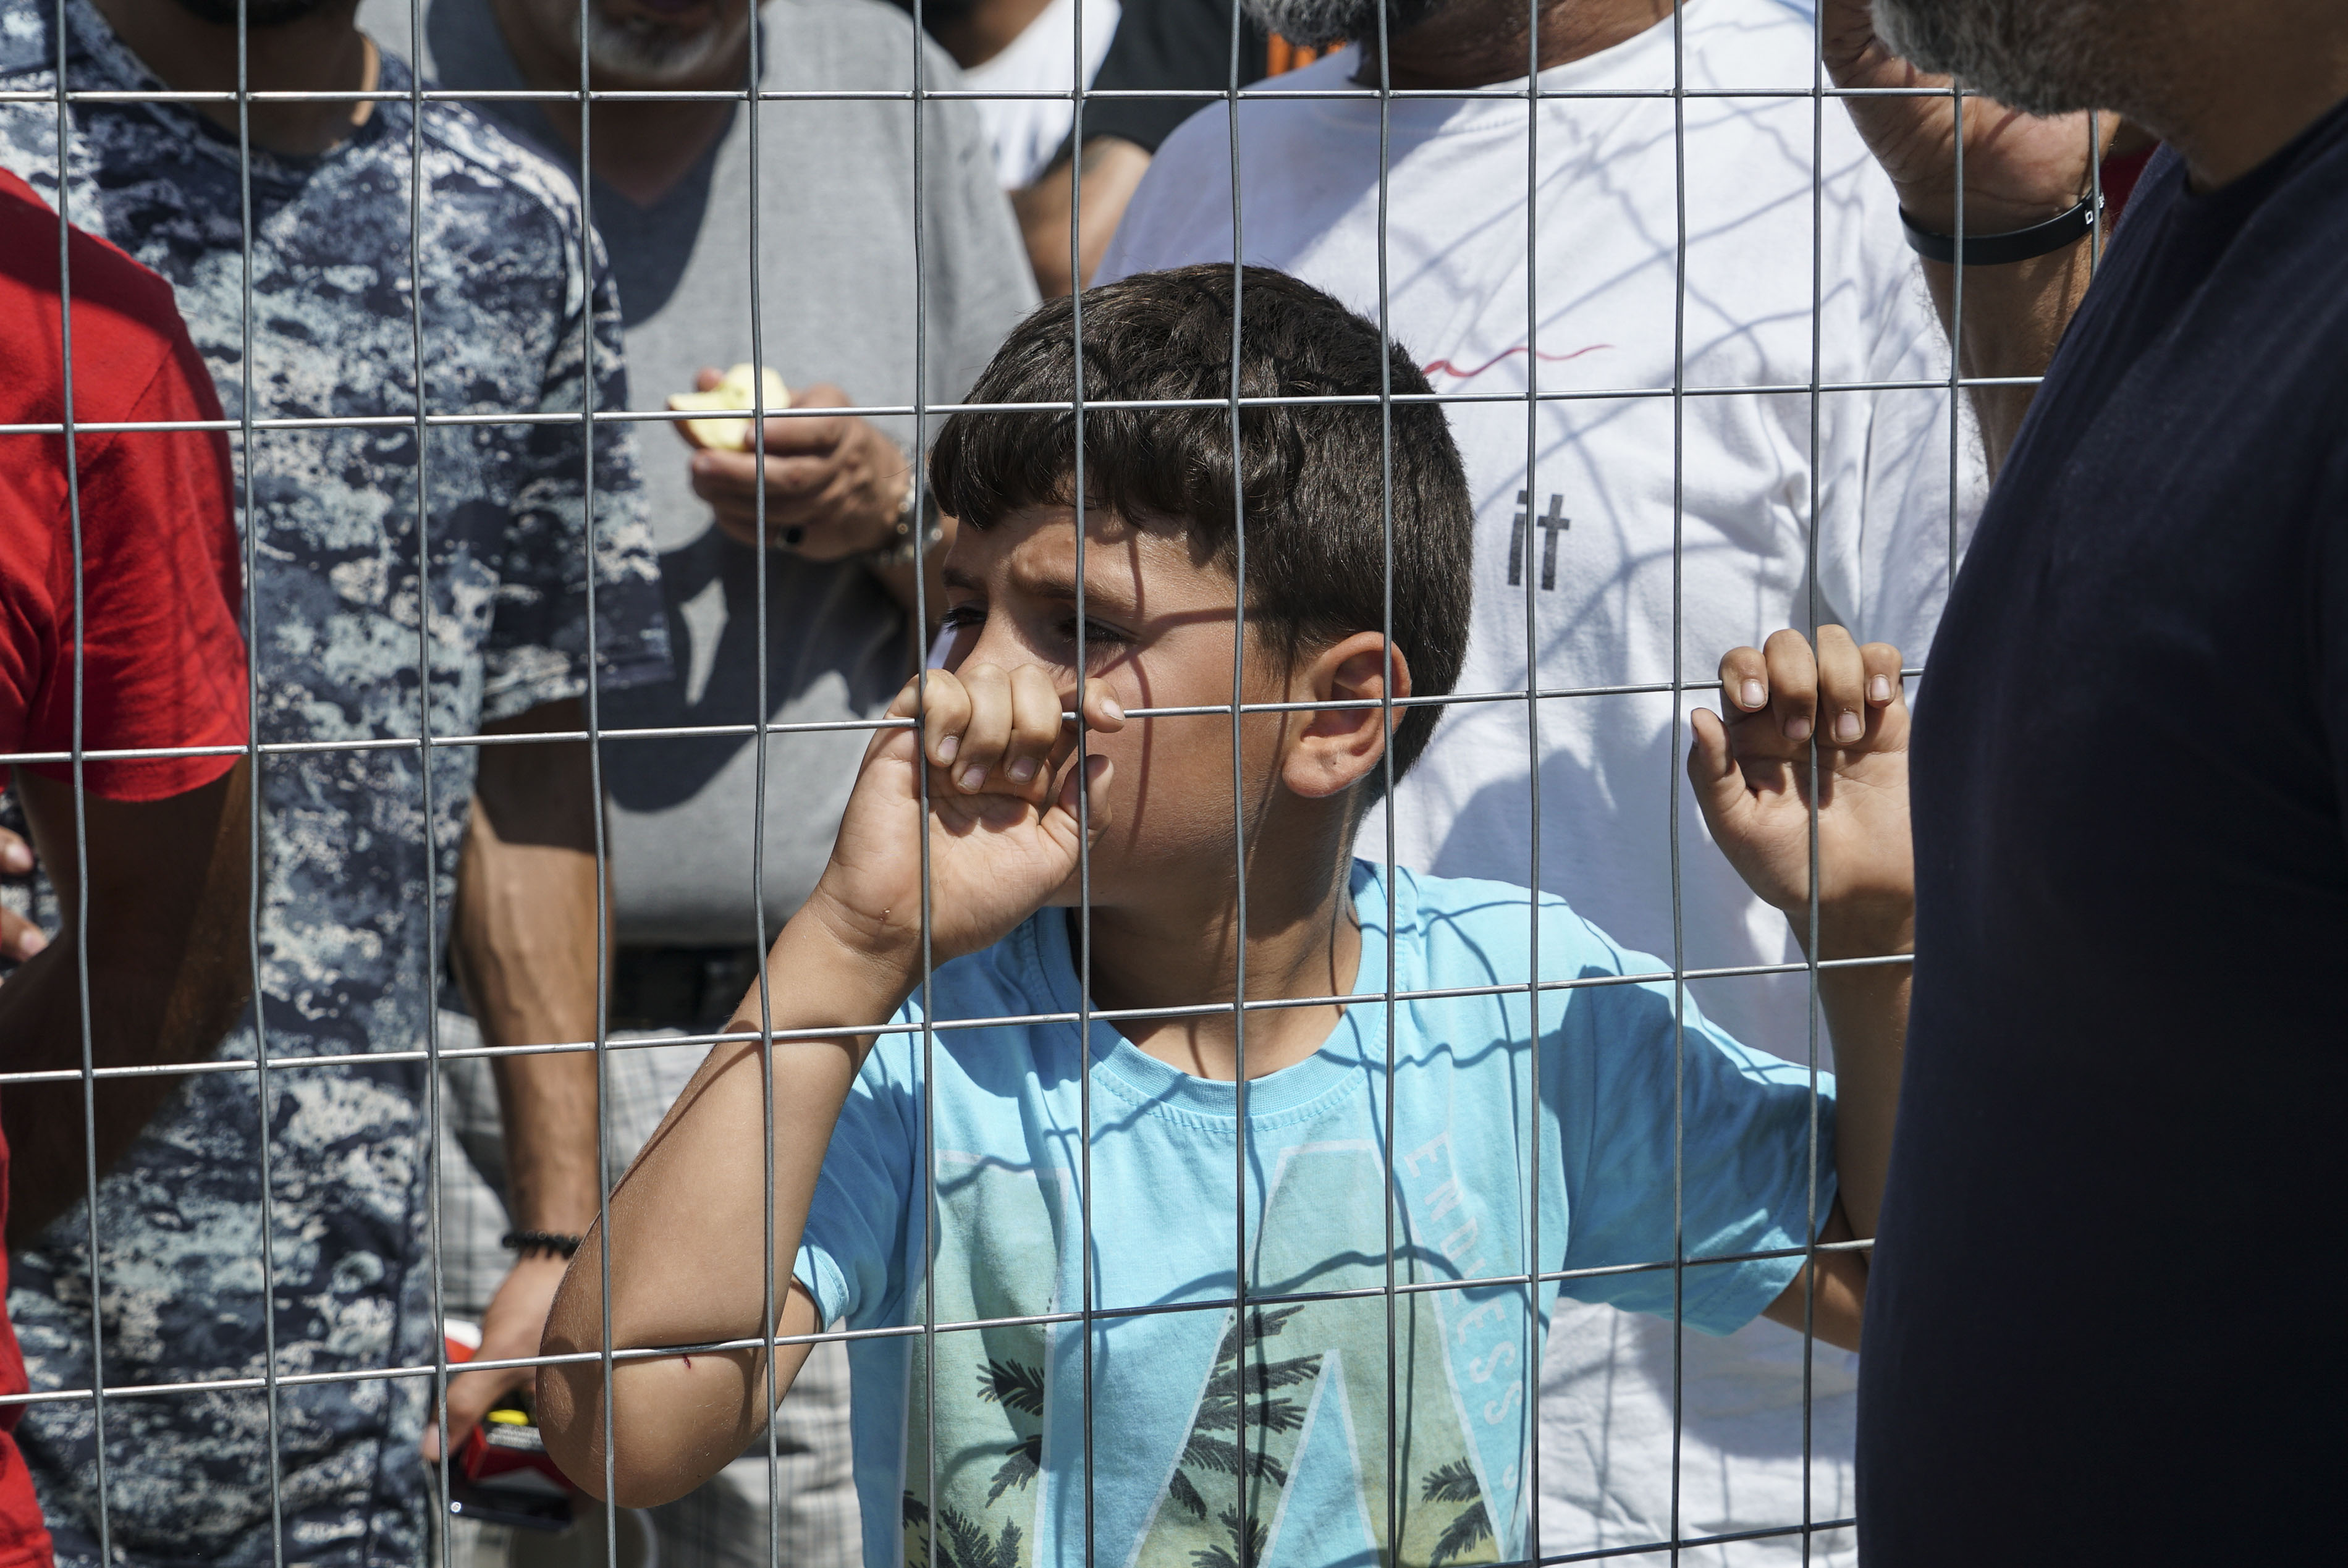 طفل من اللاجئين السوريين وراء سياج مخيم في اليونان أوروبا اللاجئين كورونا